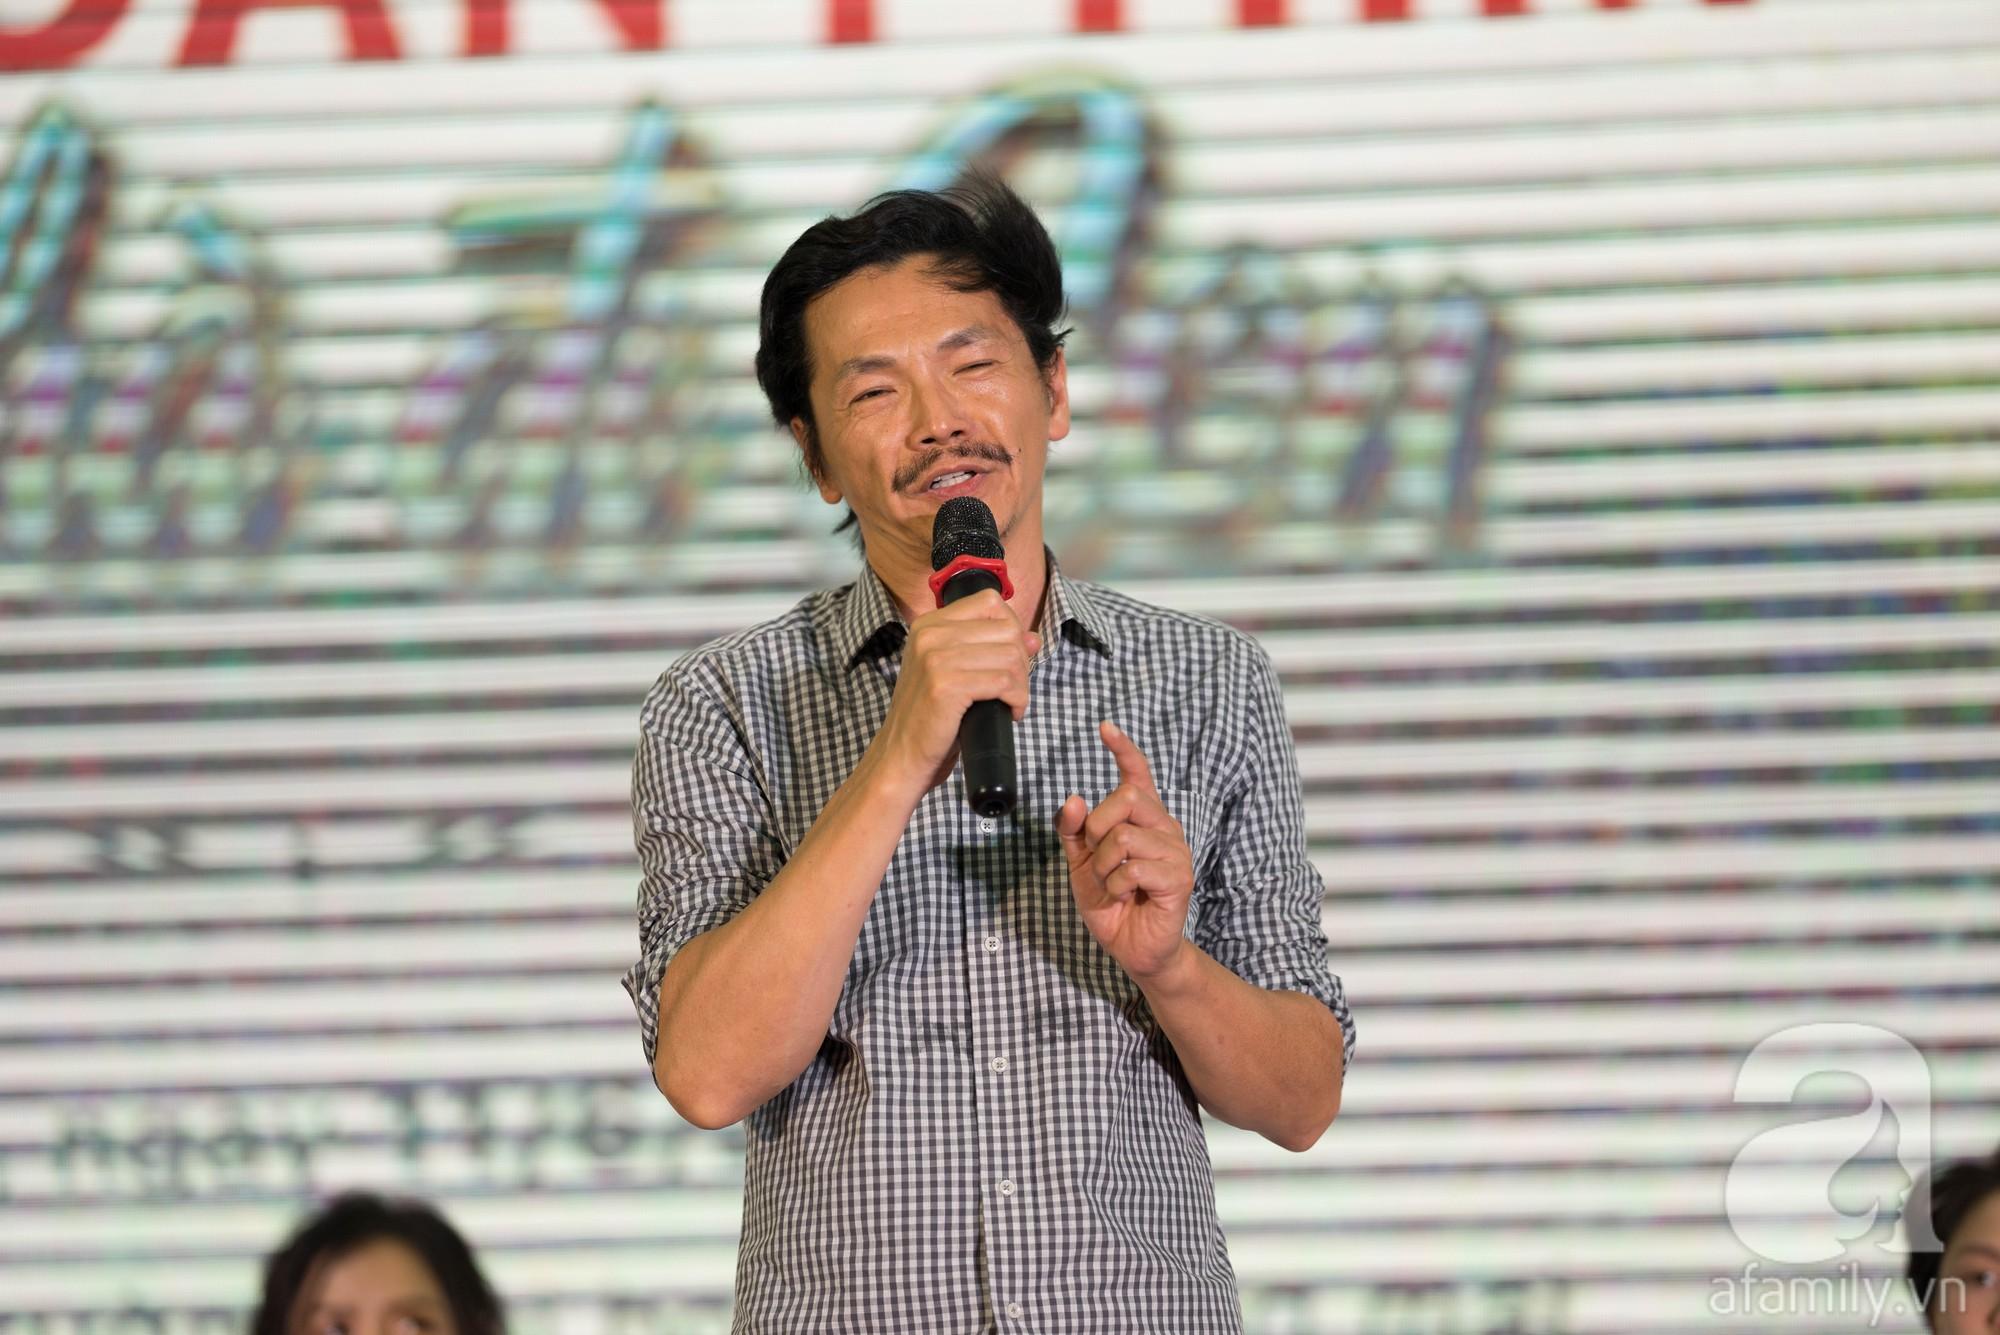 """""""Về nhà đi con"""": Ông Sơn vô tình tiết lộ về con trai của Vũ - Thư khiến dân mạng xôn xao - Ảnh 2."""